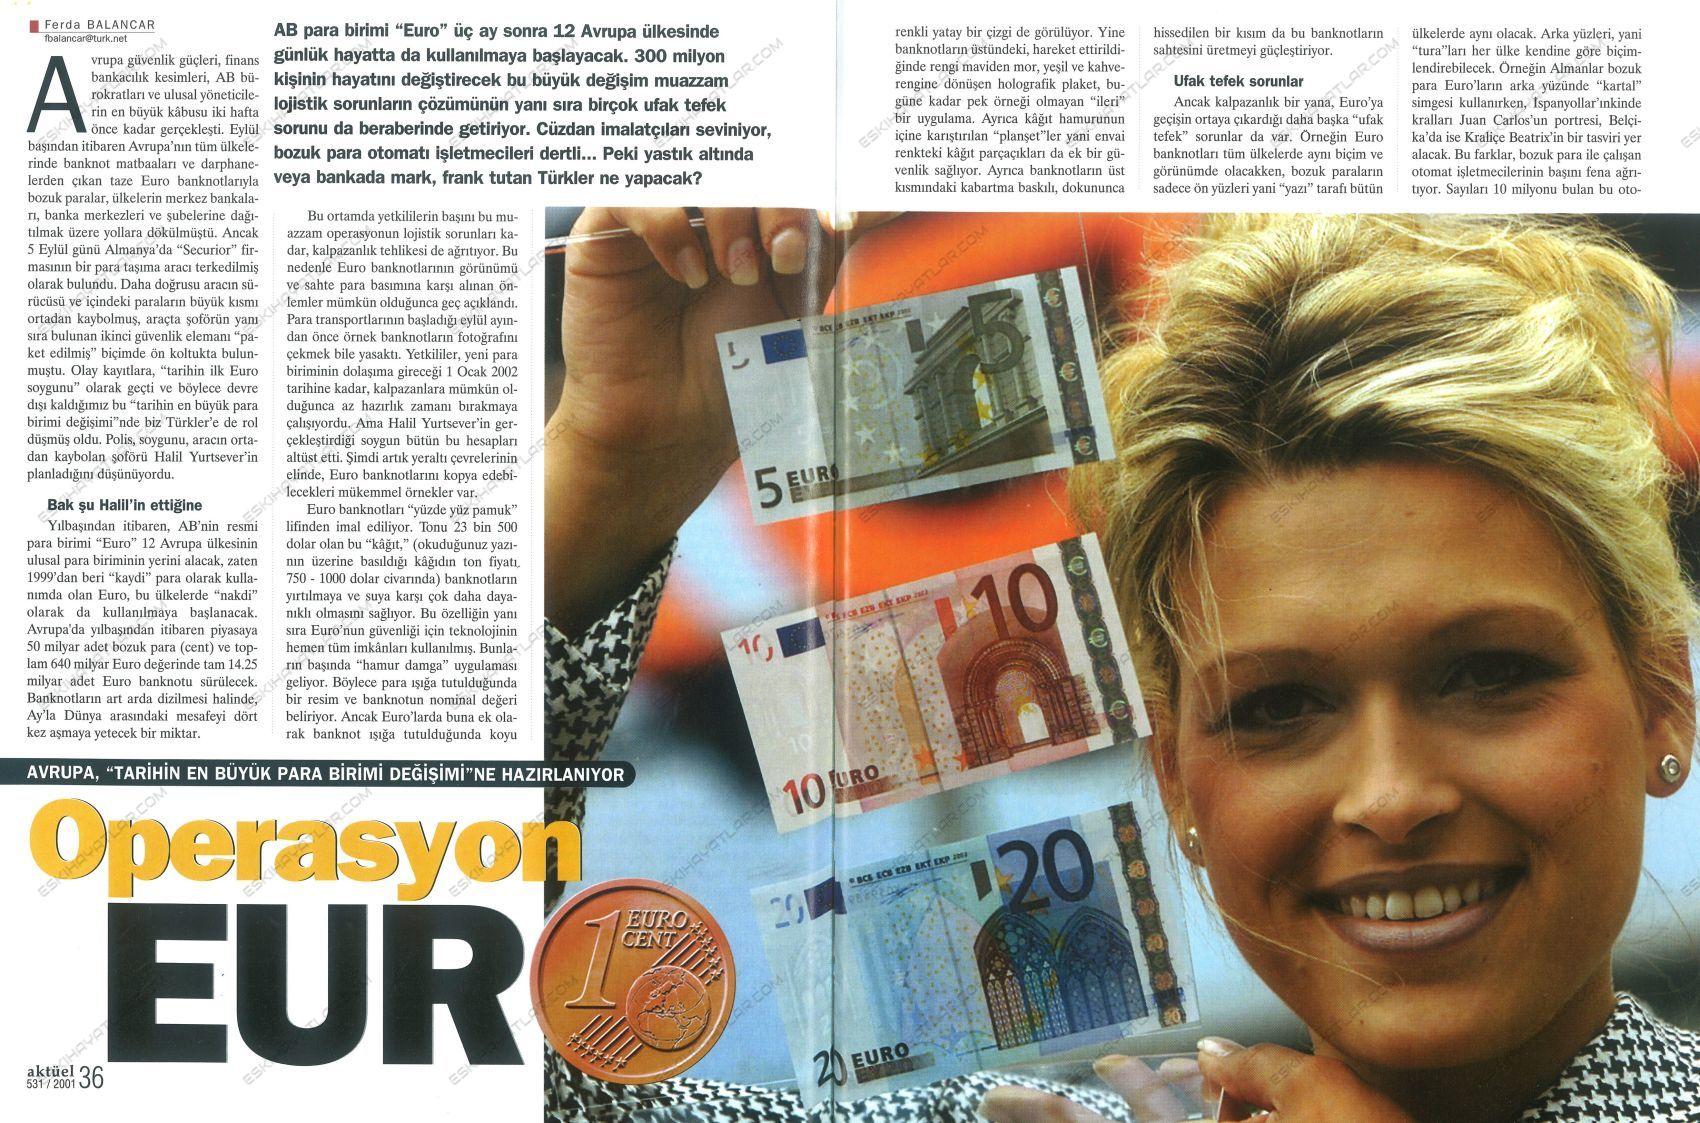 0291-avro-para-birimine-ne-zaman-gecildi-2001-aktuel-dergisi-euro-haberleri (2)